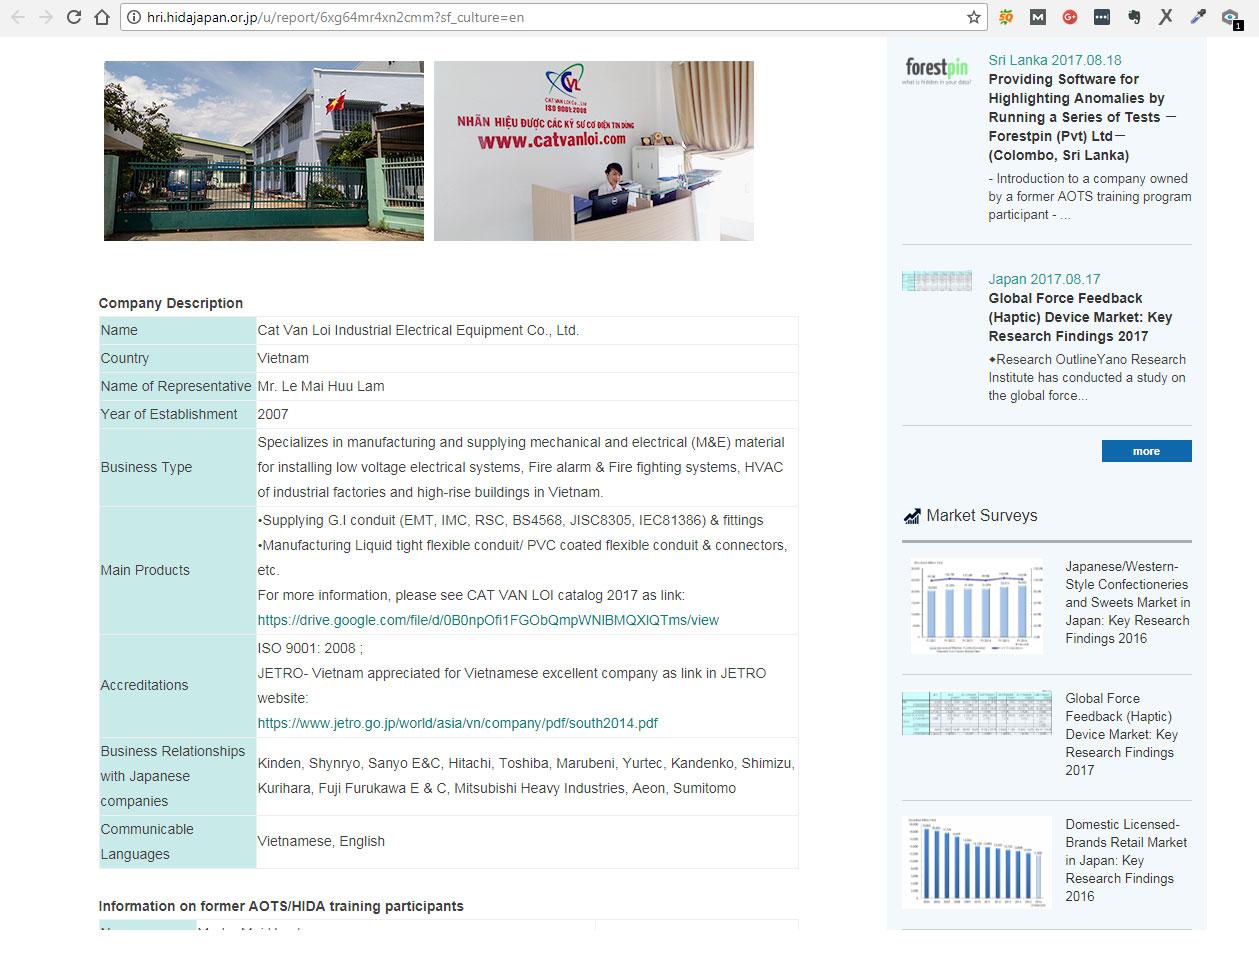 Giới thiệu về công ty Cát Vạn Lợi tại website của Viện Nghiên Cứu ARI